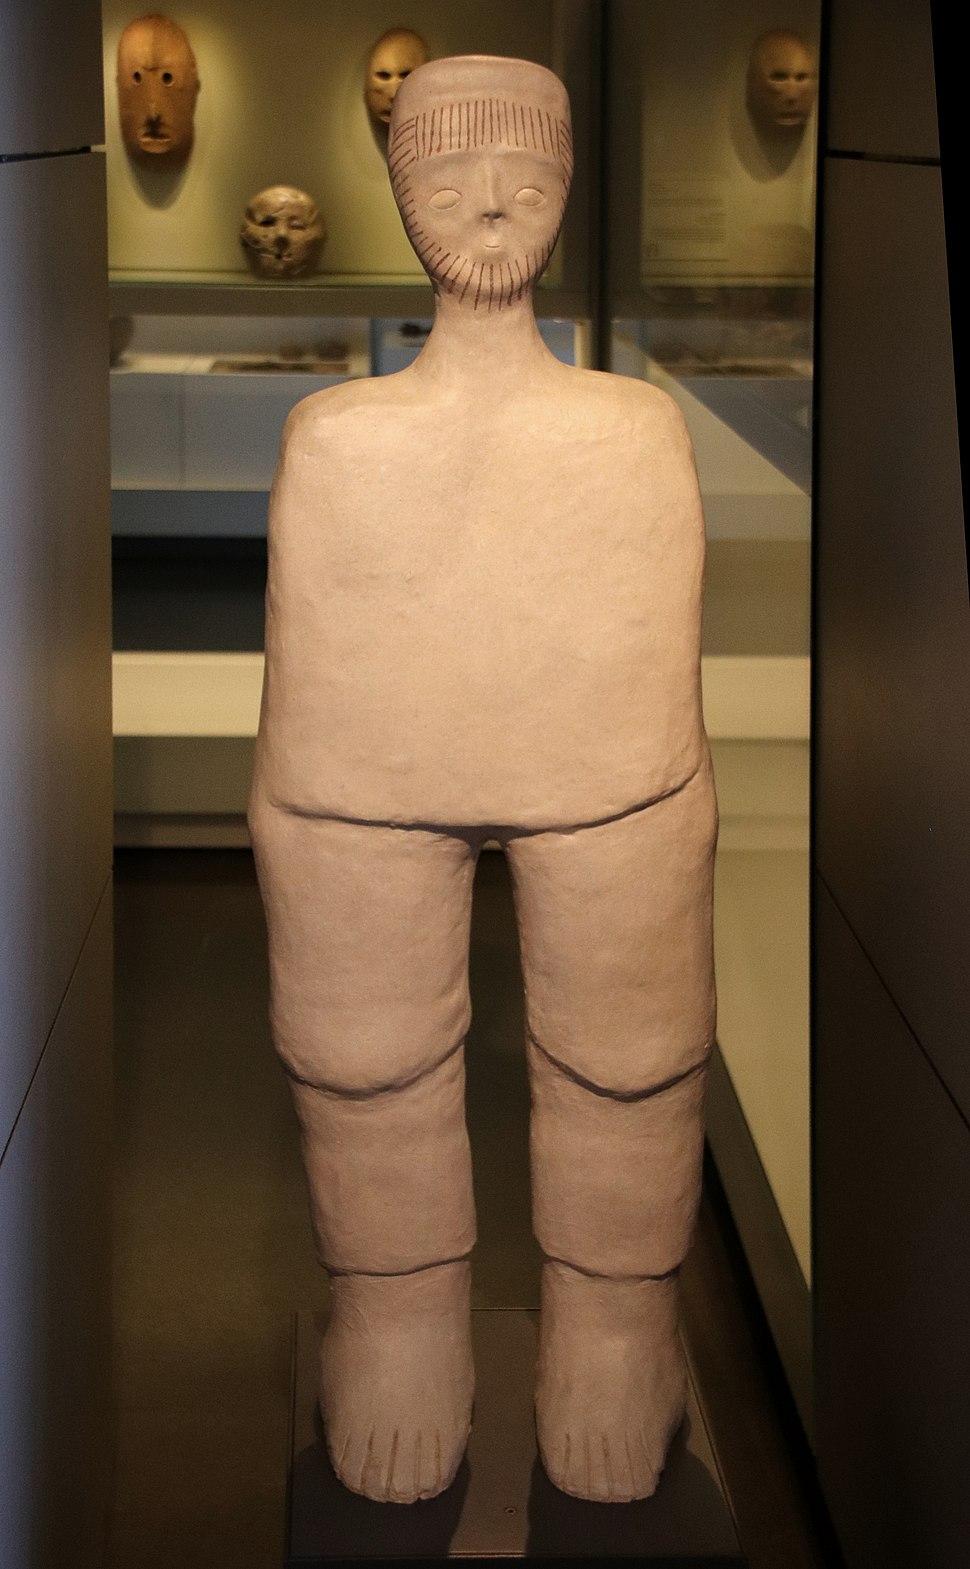 Ancestor Statue, Jericho, c. 9000 BC, Replica